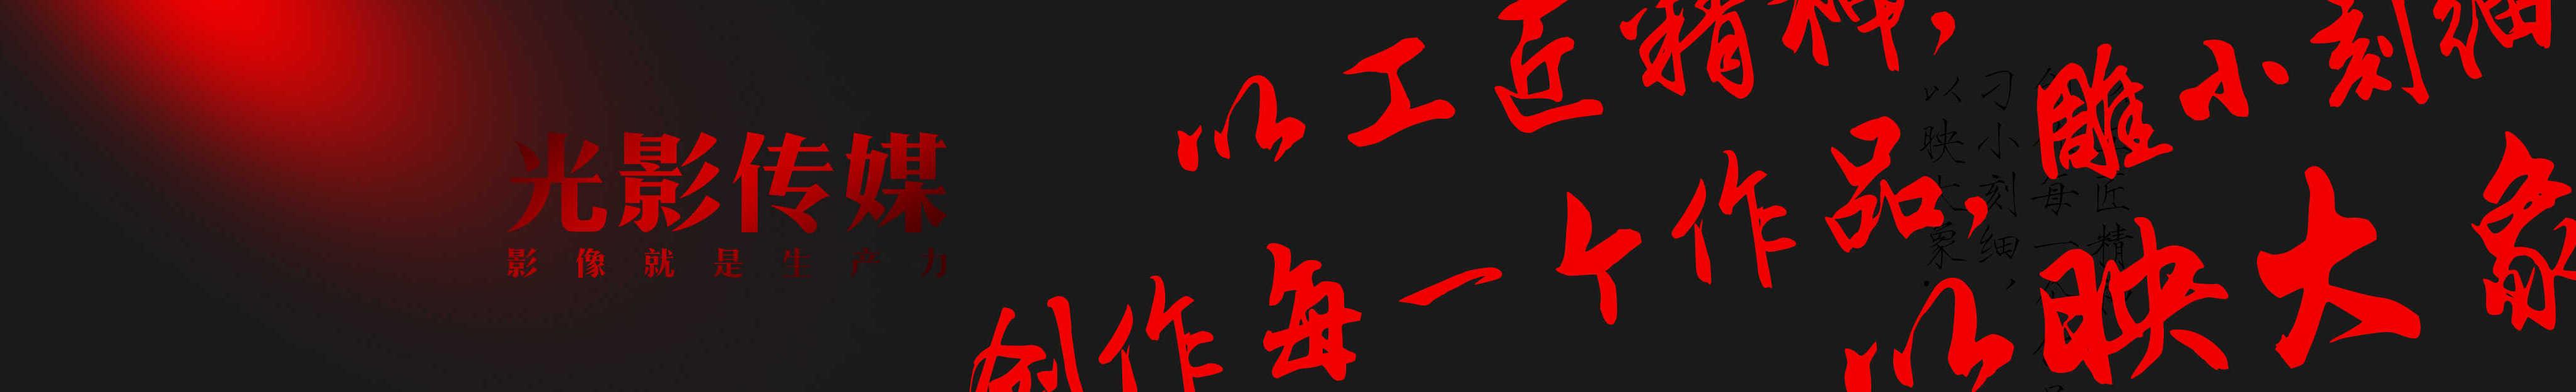 襄阳光影传媒 banner